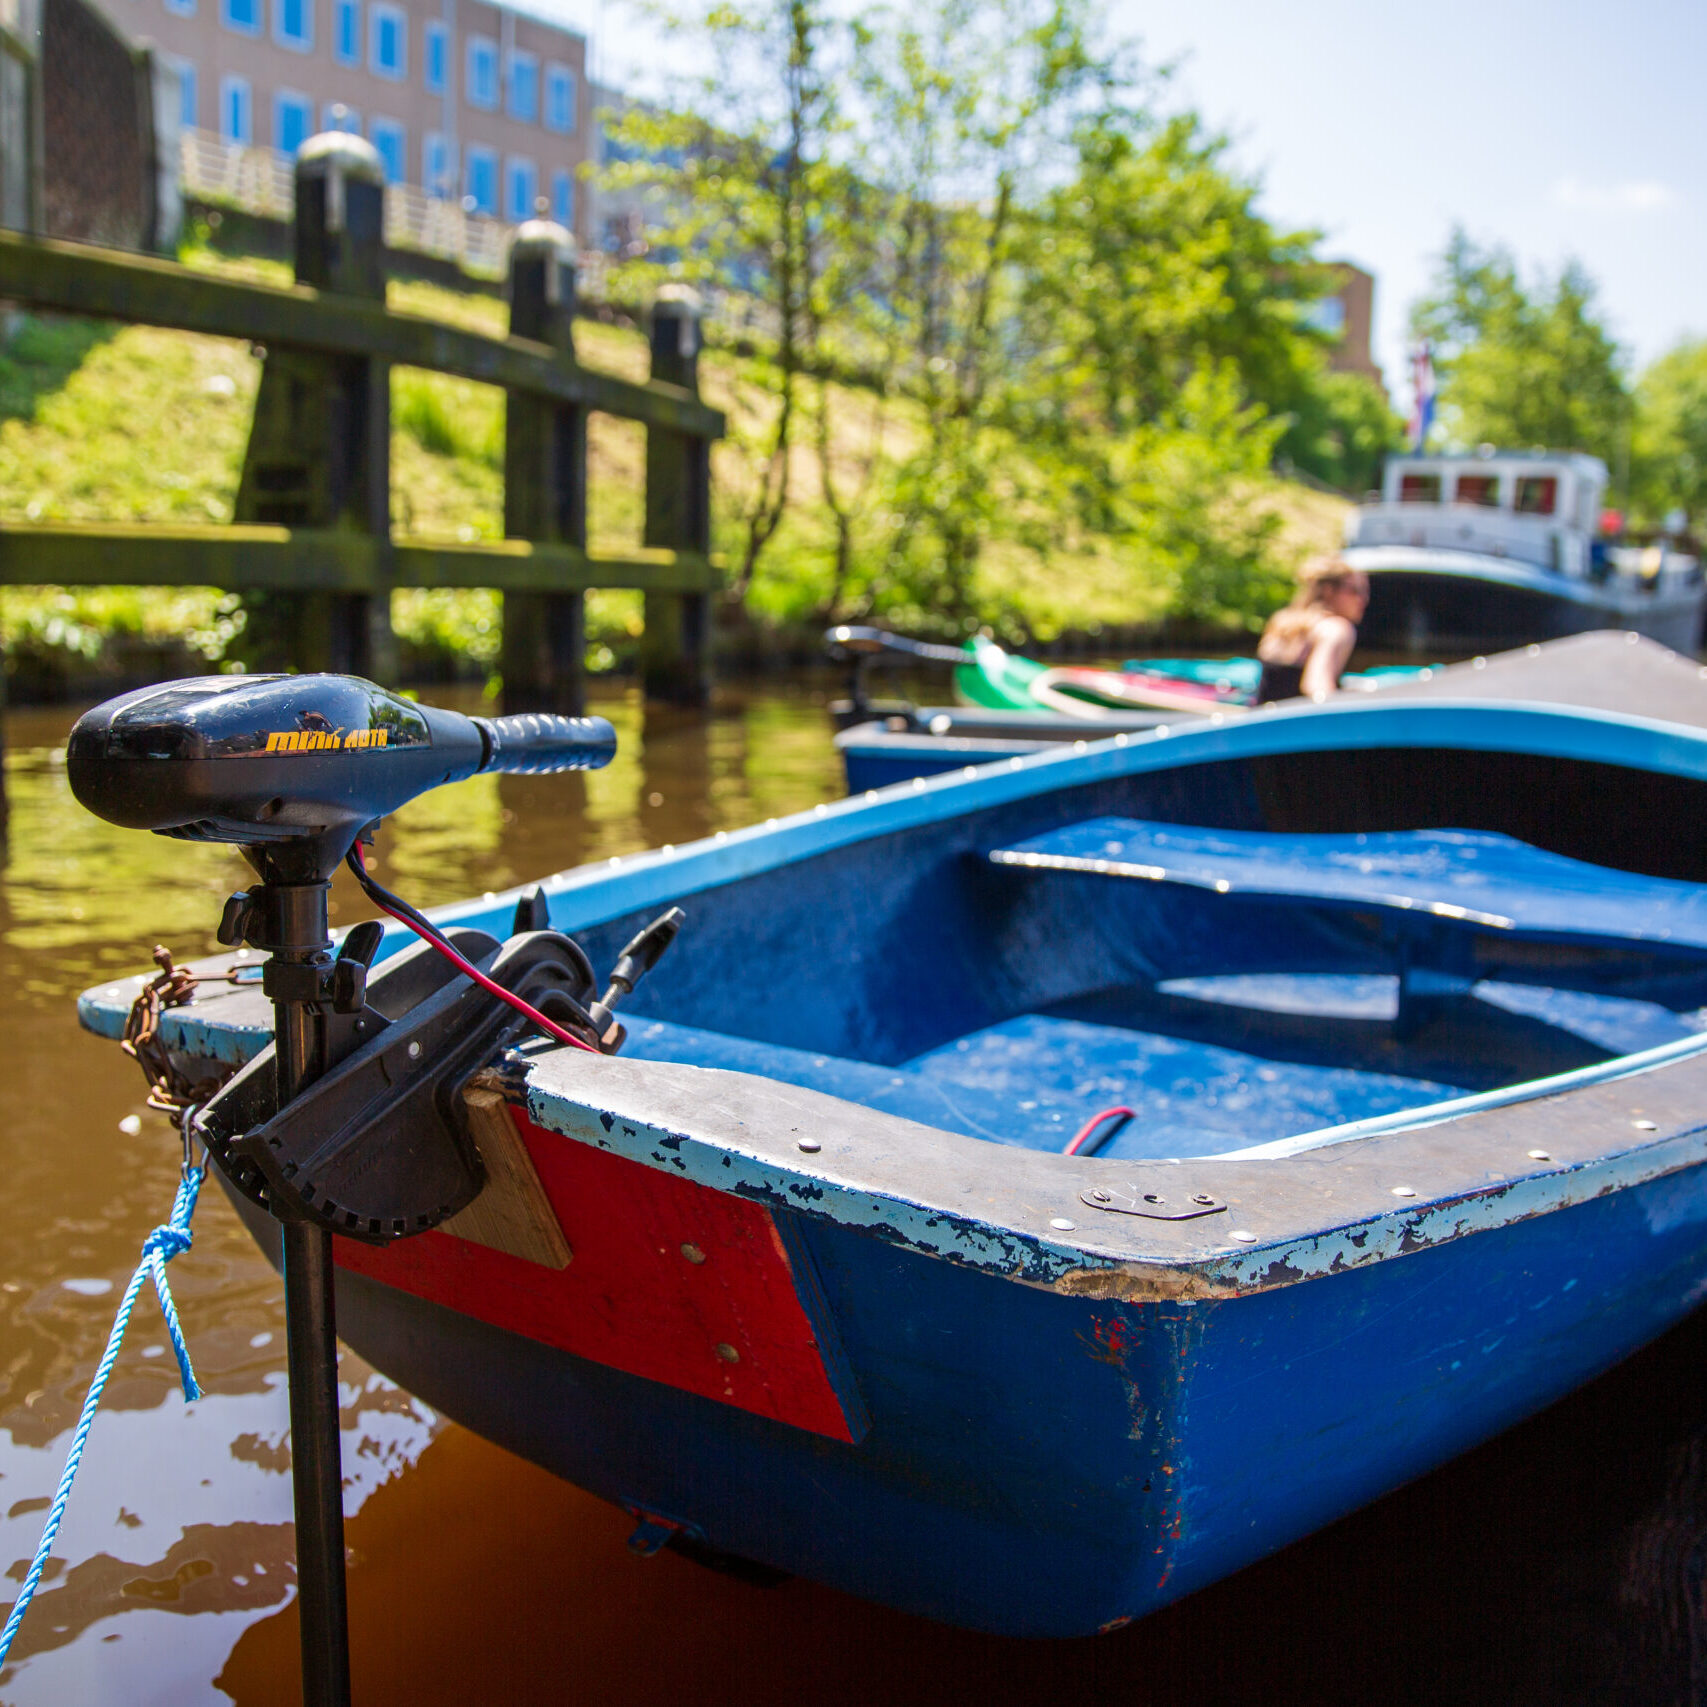 Fluisterboot huren Groningen